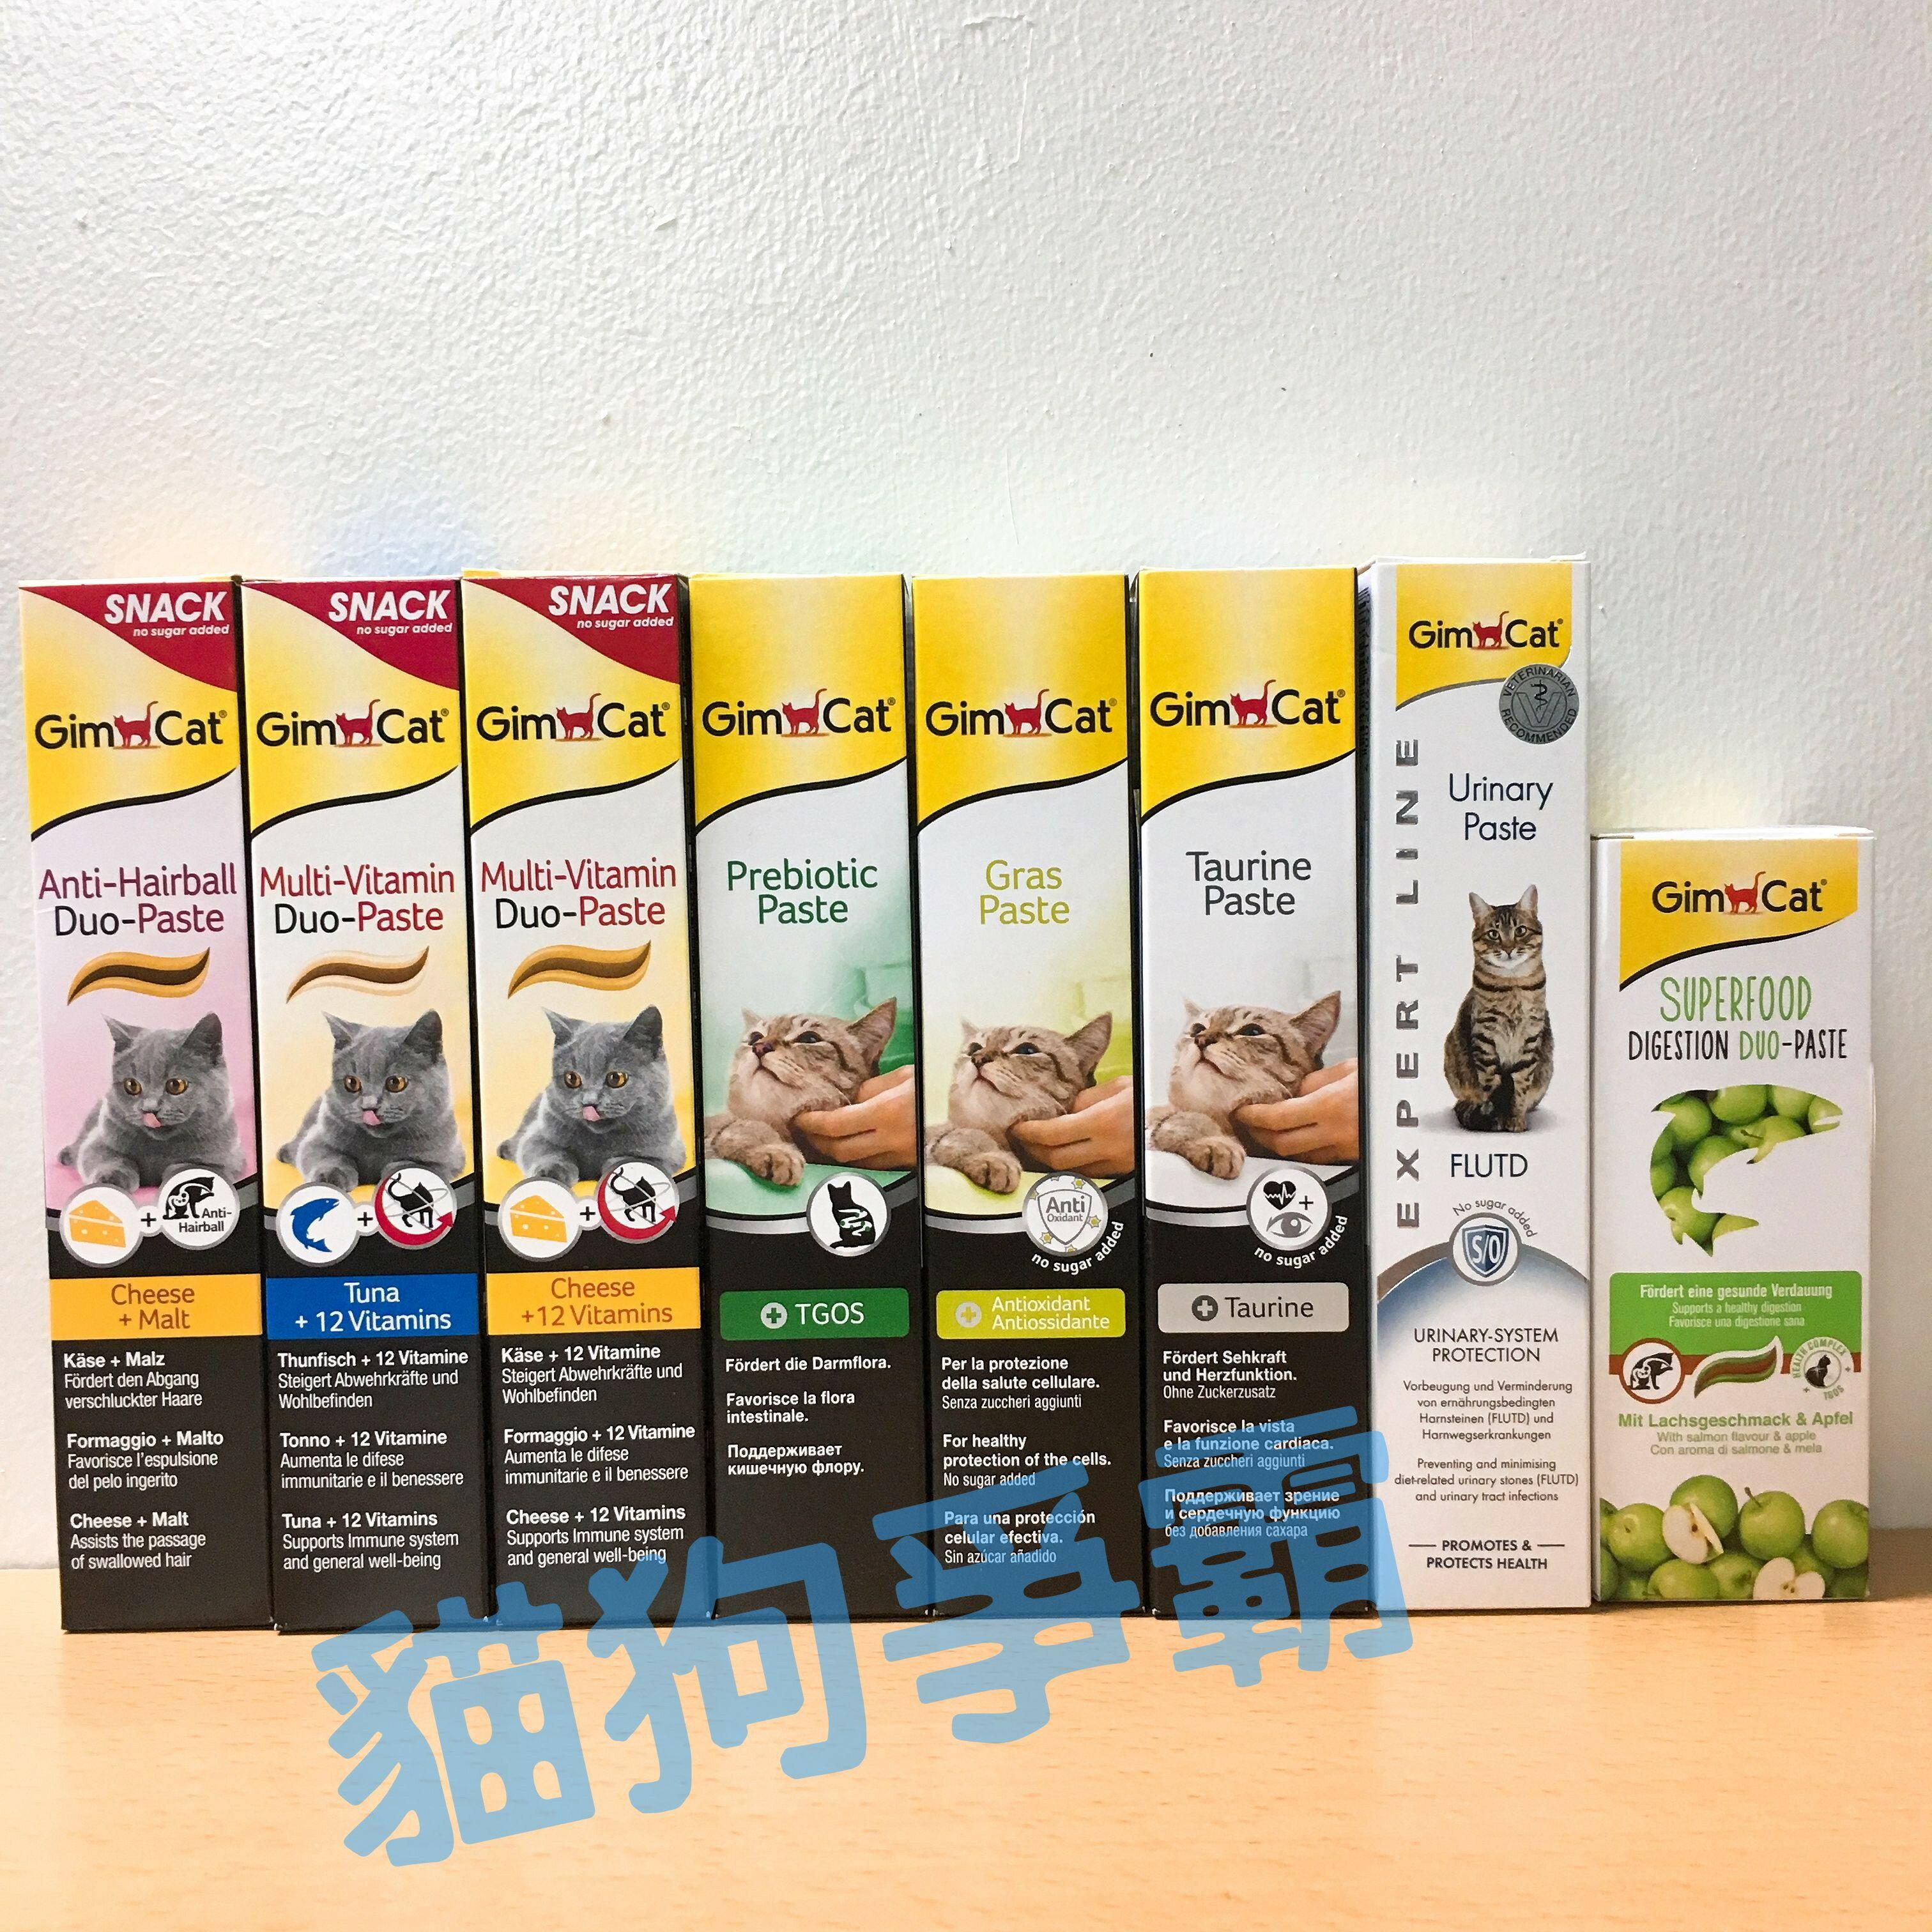 貓咪德國竣寶營養膏、化毛膏 50g 貓保健 貓化毛 貓泌尿 牛磺酸 貓腸胃 貓草膏